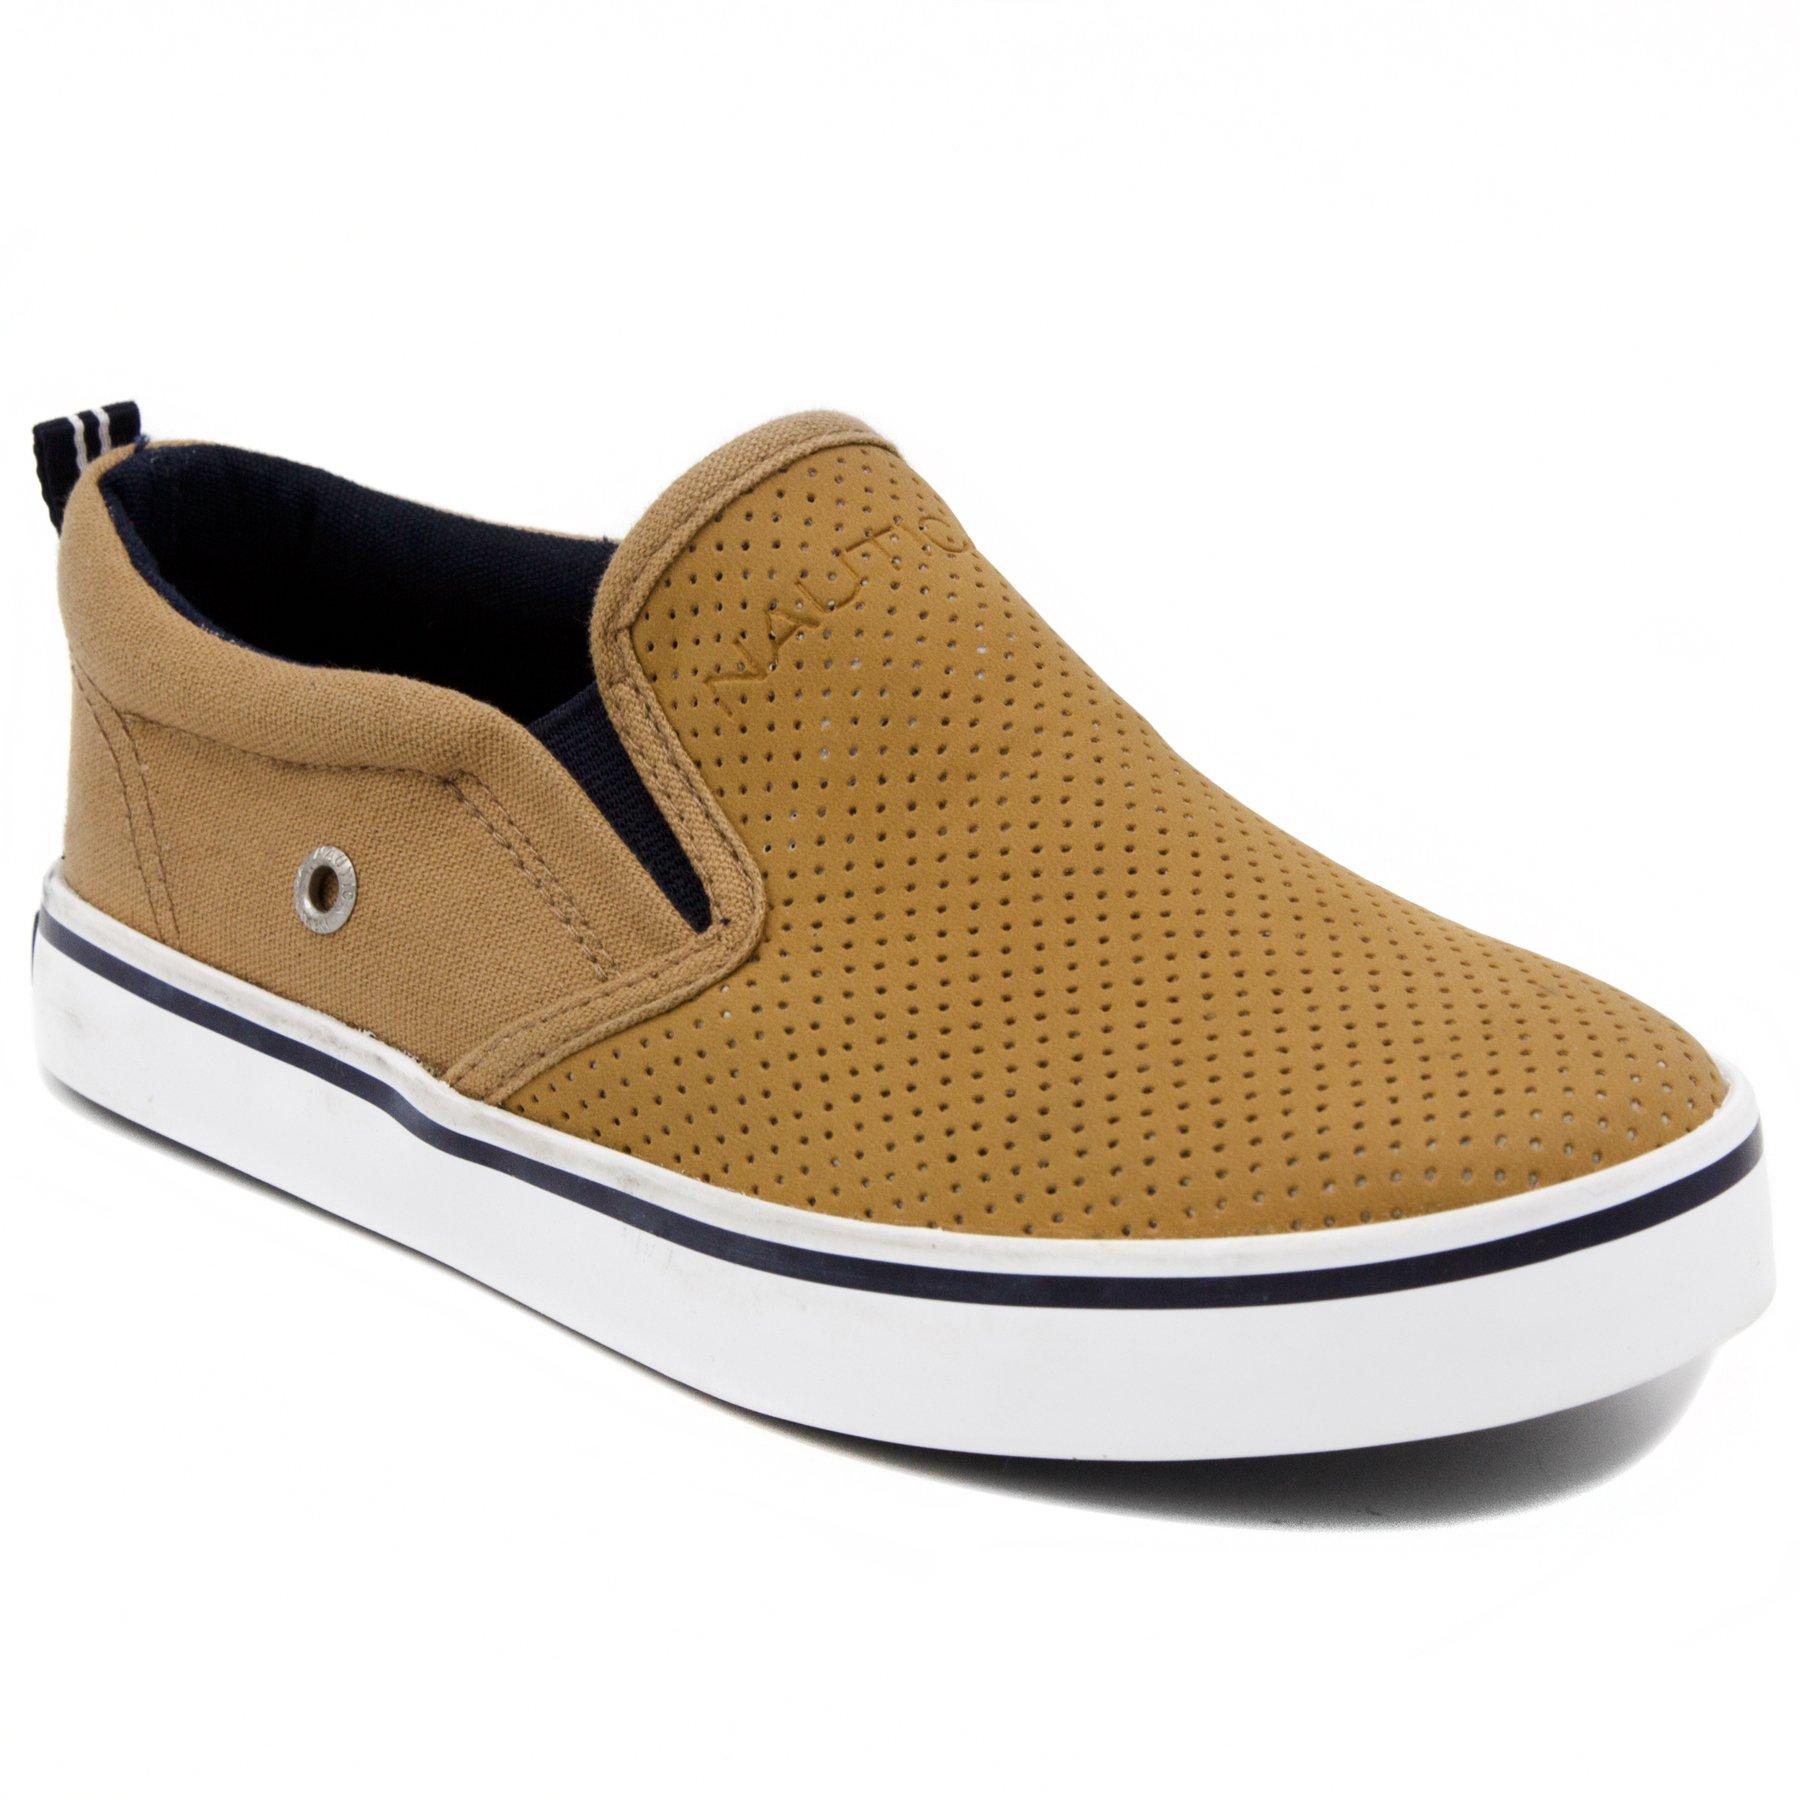 Nautica Kid's Akeley Perf Slip-On Casual Shoe Canvas Sneaker-Tan Perf-5